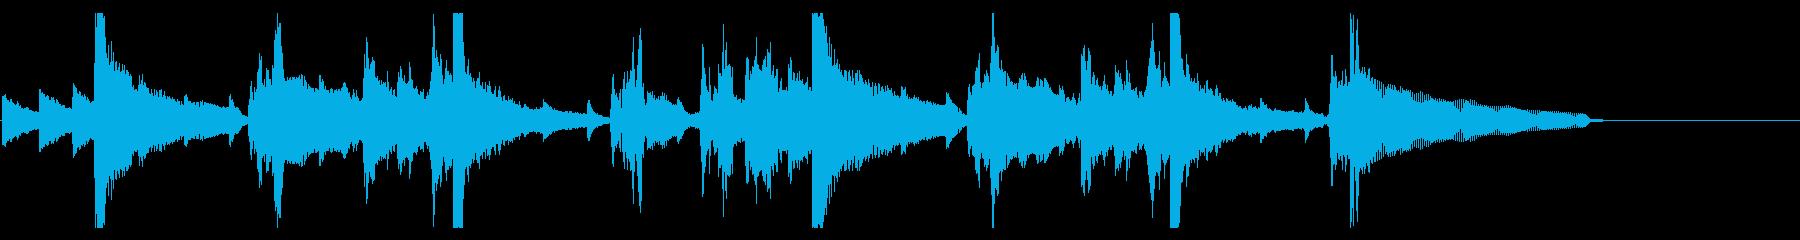 【20秒】落ち着いた雰囲気のピアノBGMの再生済みの波形